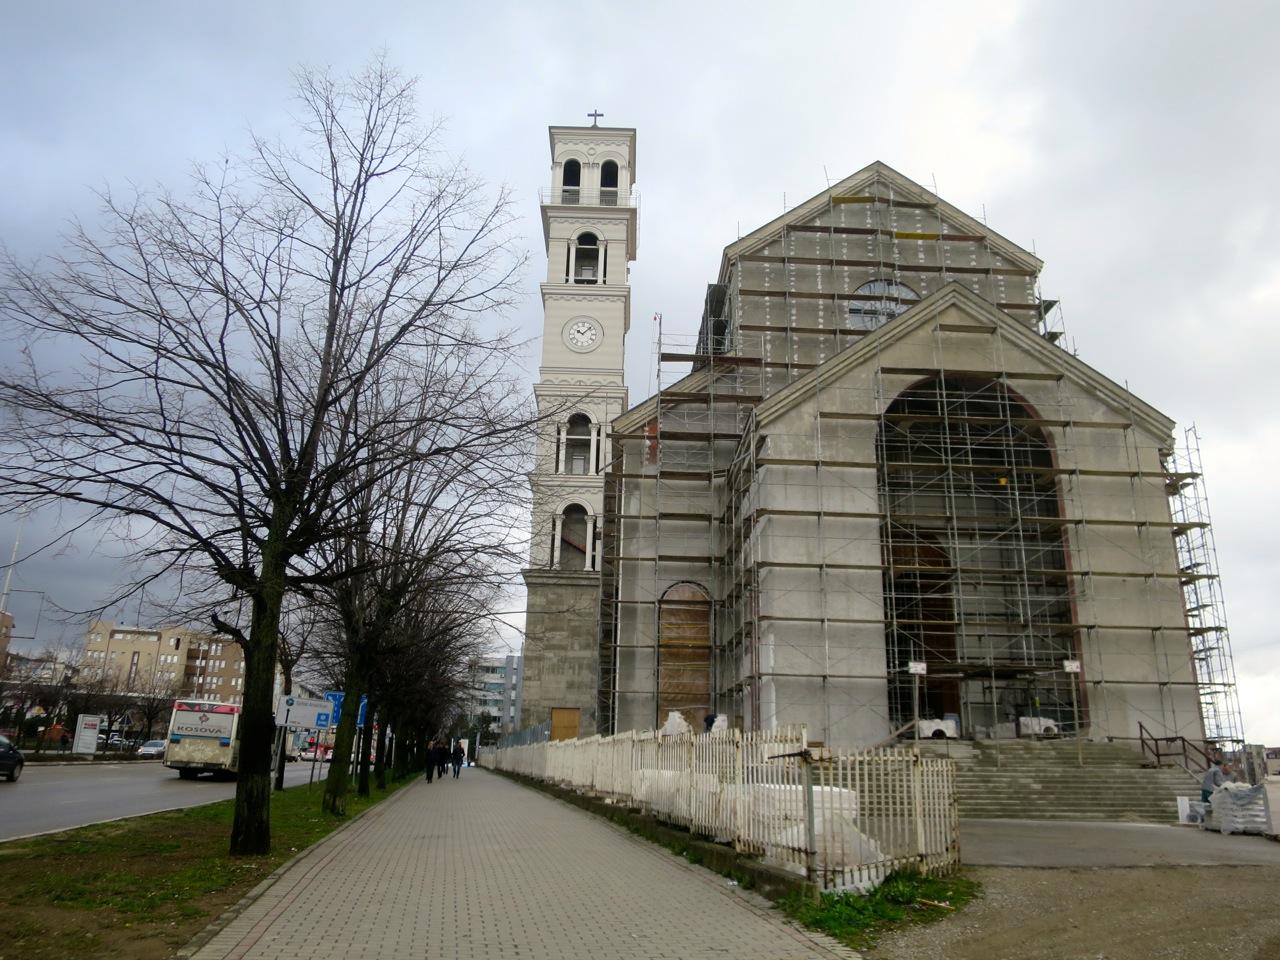 Pristina 1-17